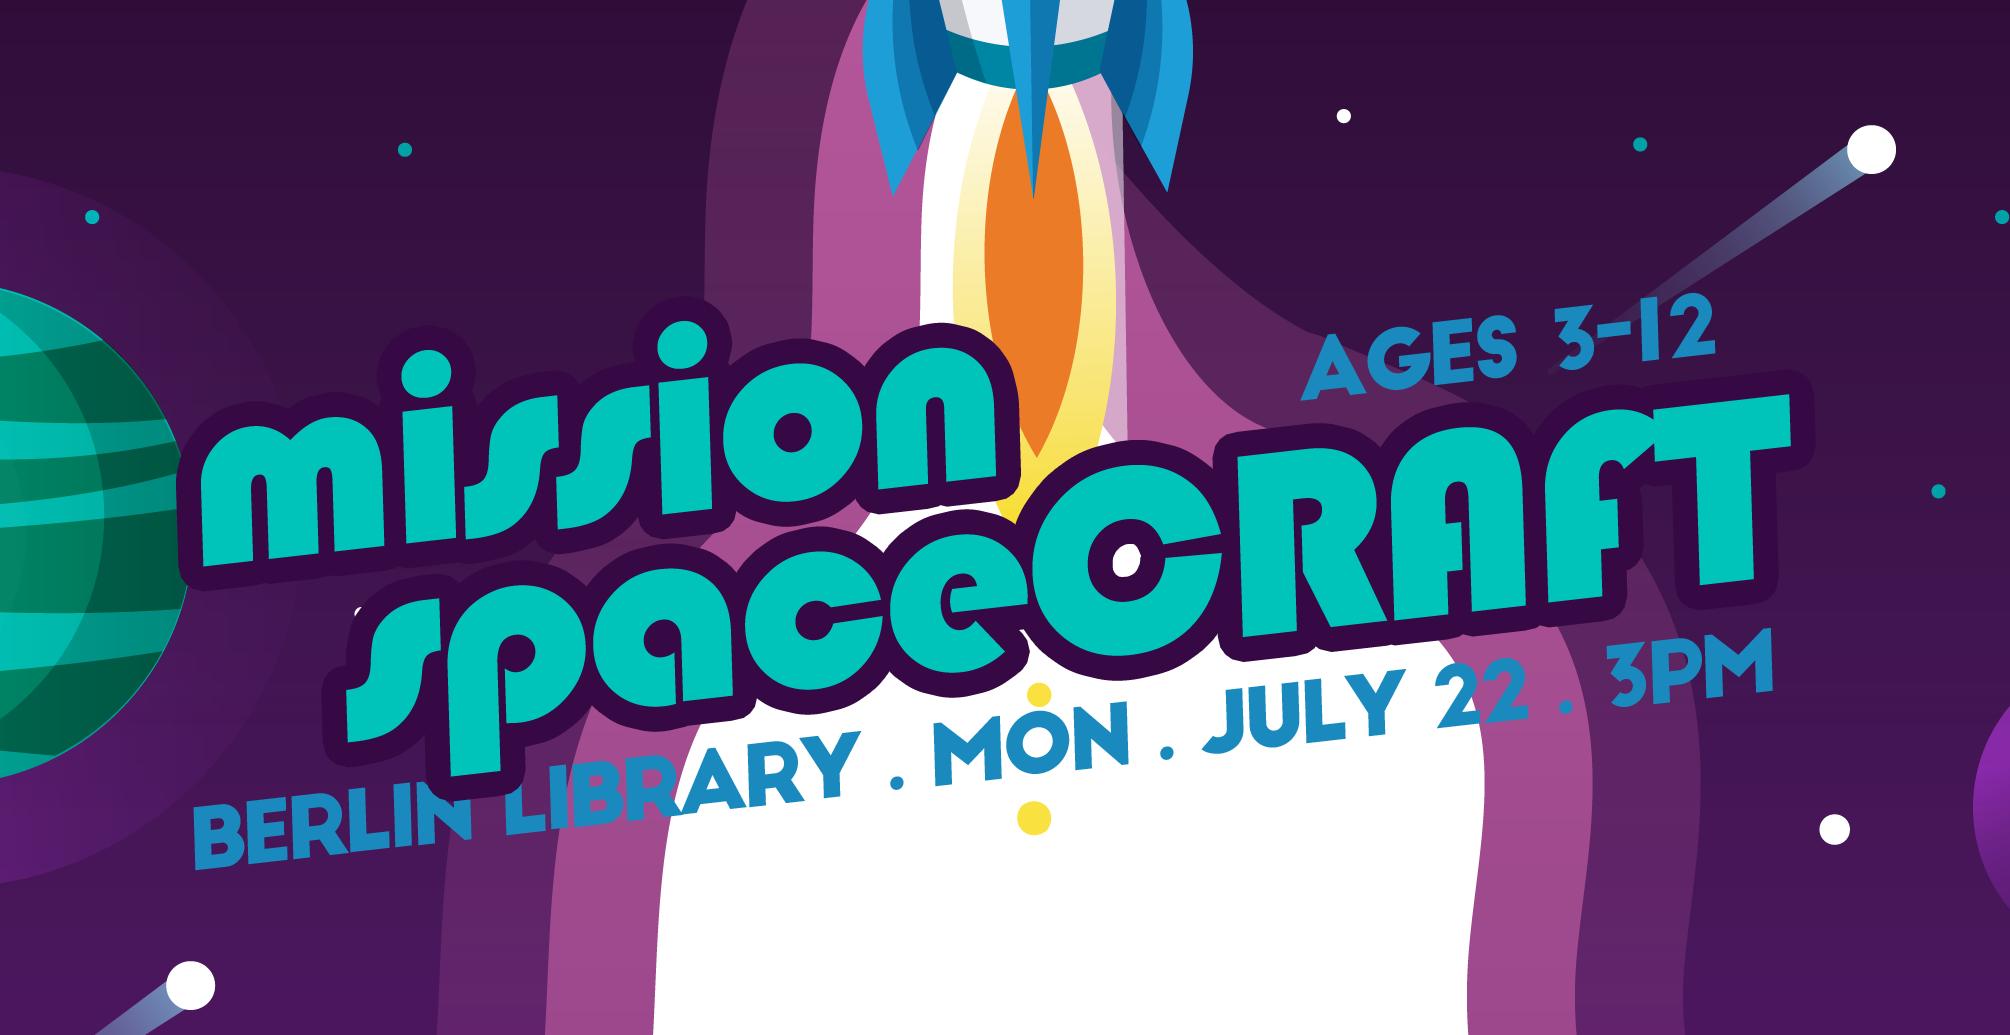 2019-07-CHILDRENS-Berlin-Mission-SpaceCRAFT-2-Slide